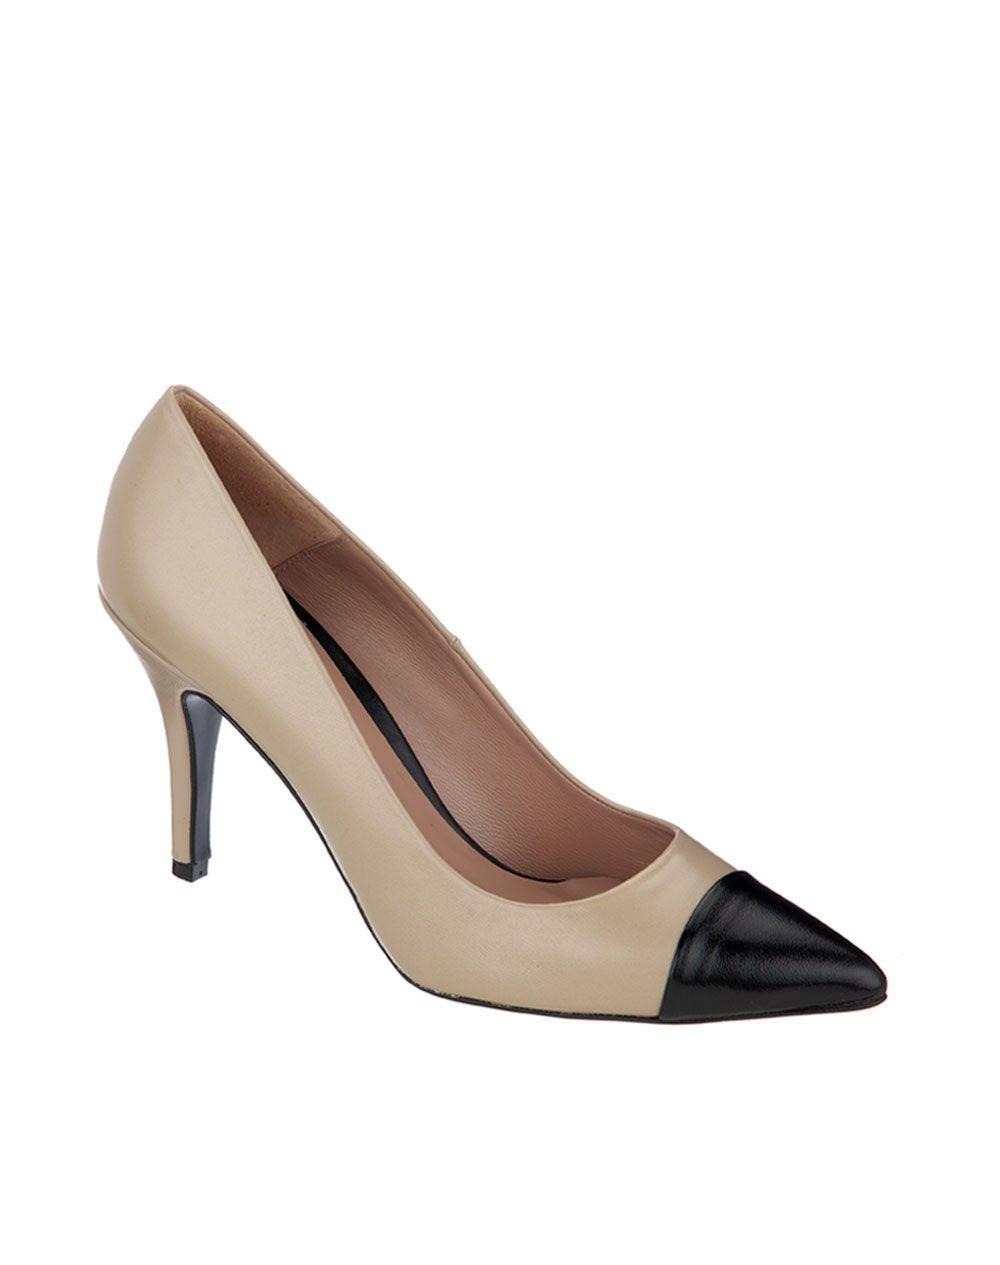 fb9730ed Zapato de salón Gloria Ortiz - Mujer - Zapatos - El Corte Inglés - Moda  Zapatos